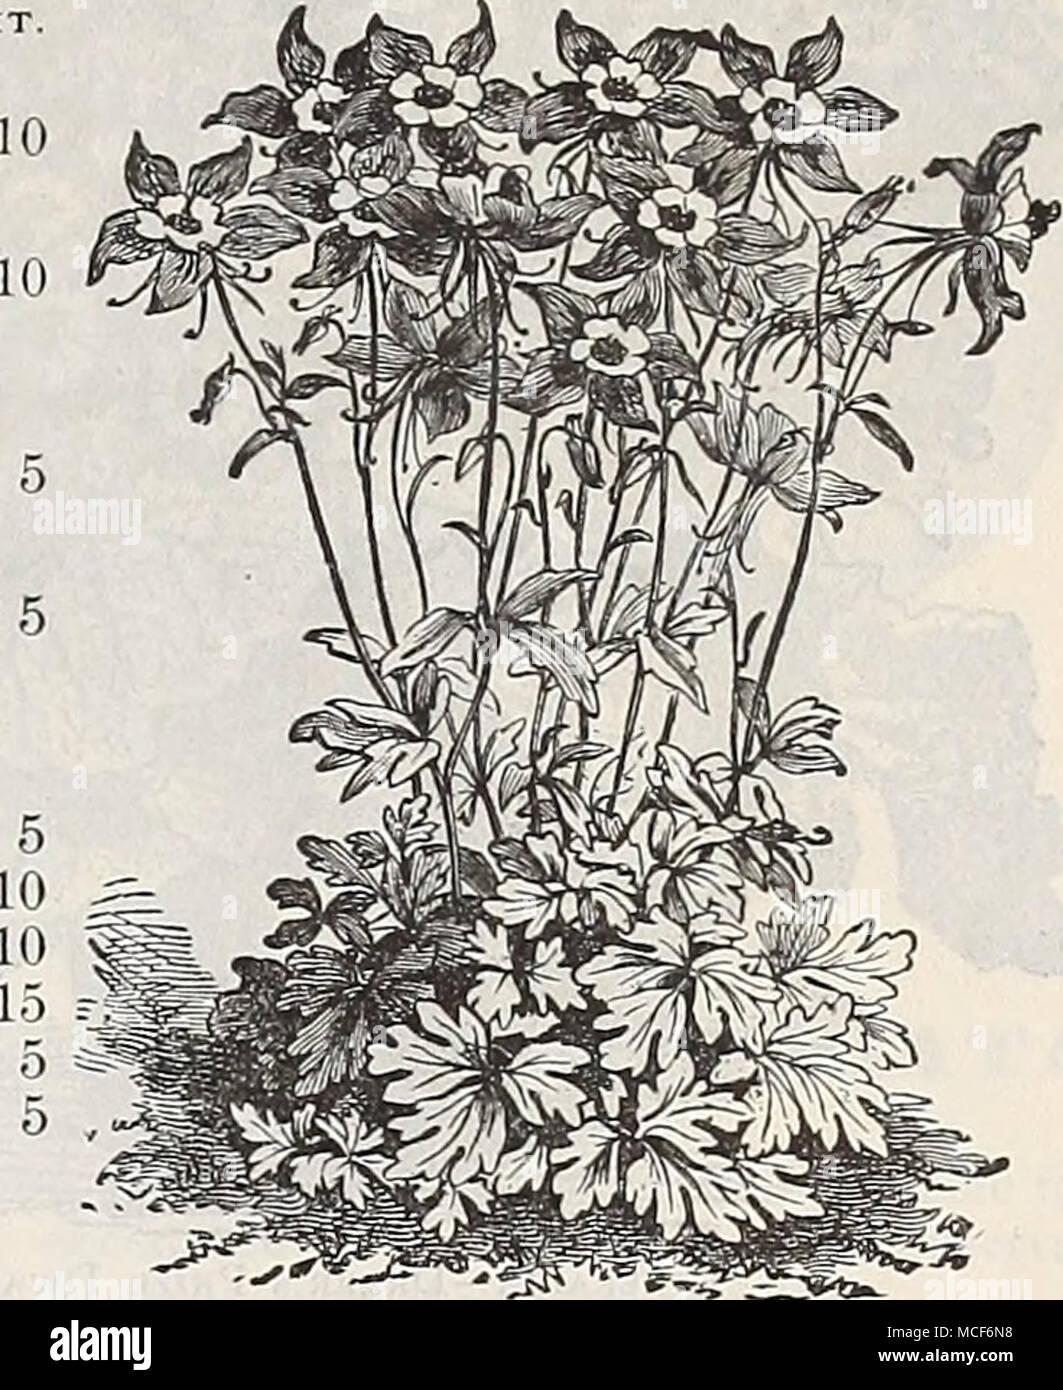 Aquilegia Glandulu Campanula Bell Flower Per Pkt 1740 Media